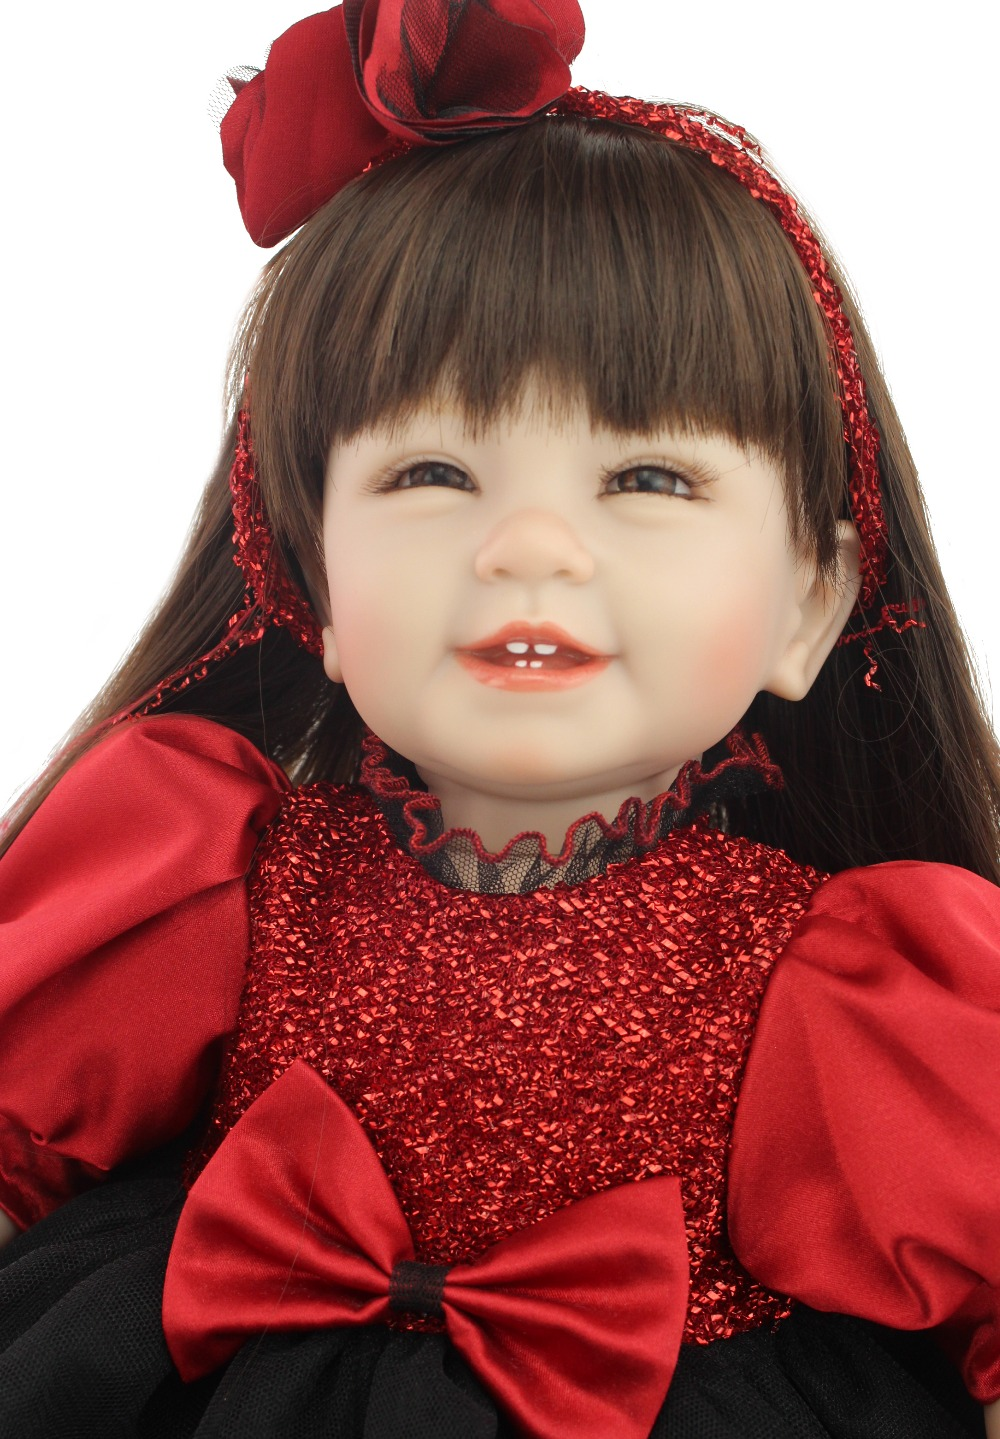 2015 nuevo diseño Venta caliente realista reborn todder girl doll al por mayor baby dolls moda muñeca regalo de Navidad-in Muñecas from Juguetes y pasatiempos    1